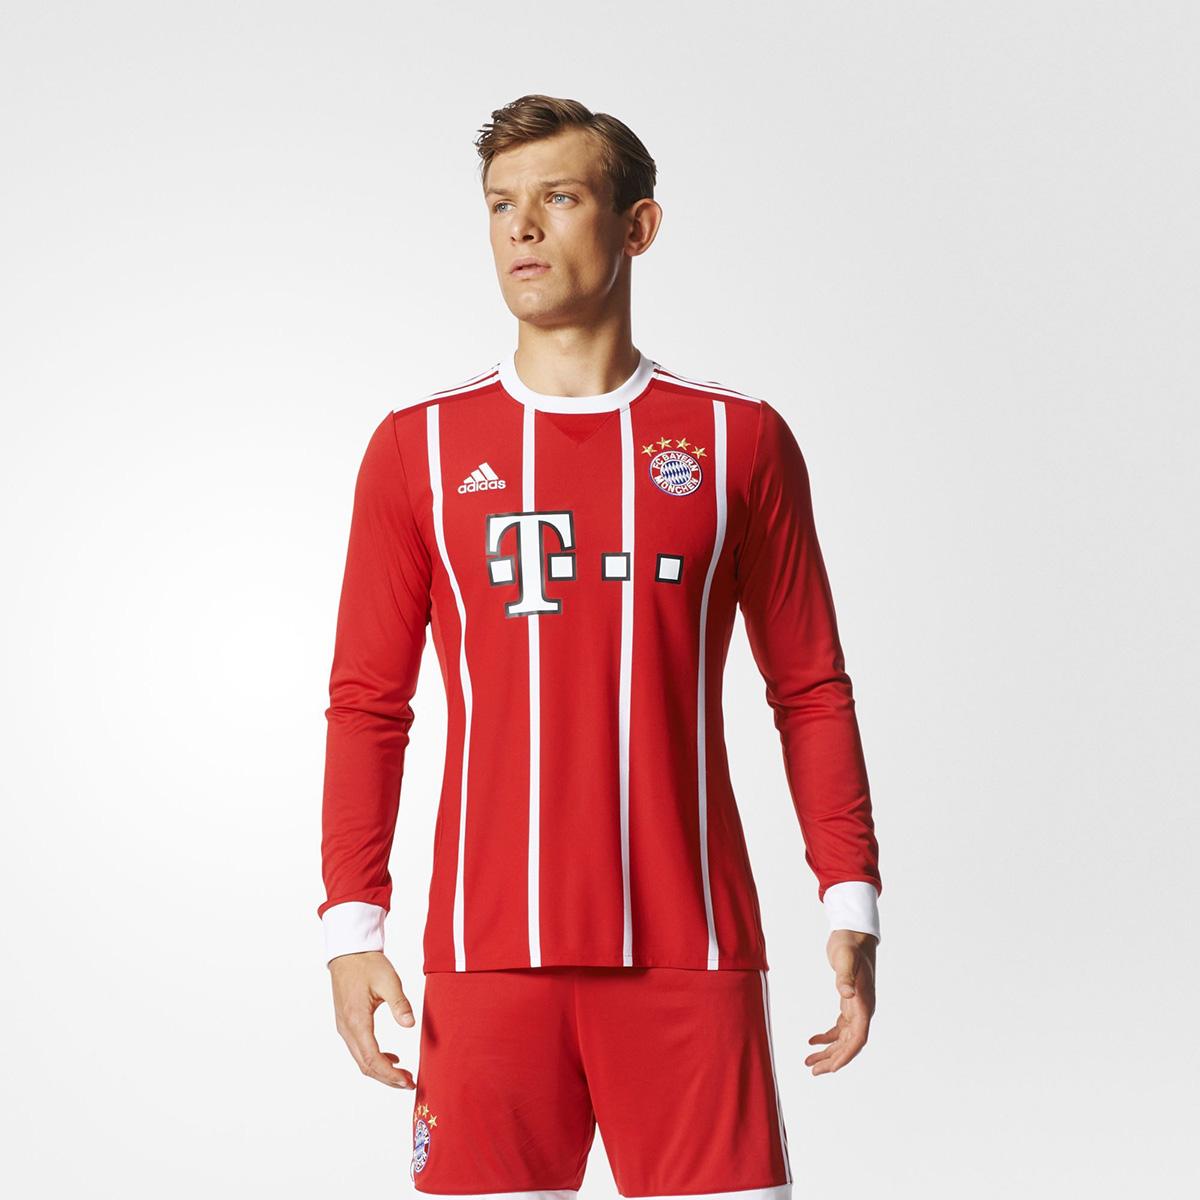 Adidas FC Bayern Munich Replica 2017-18 LongSleeve Jersey